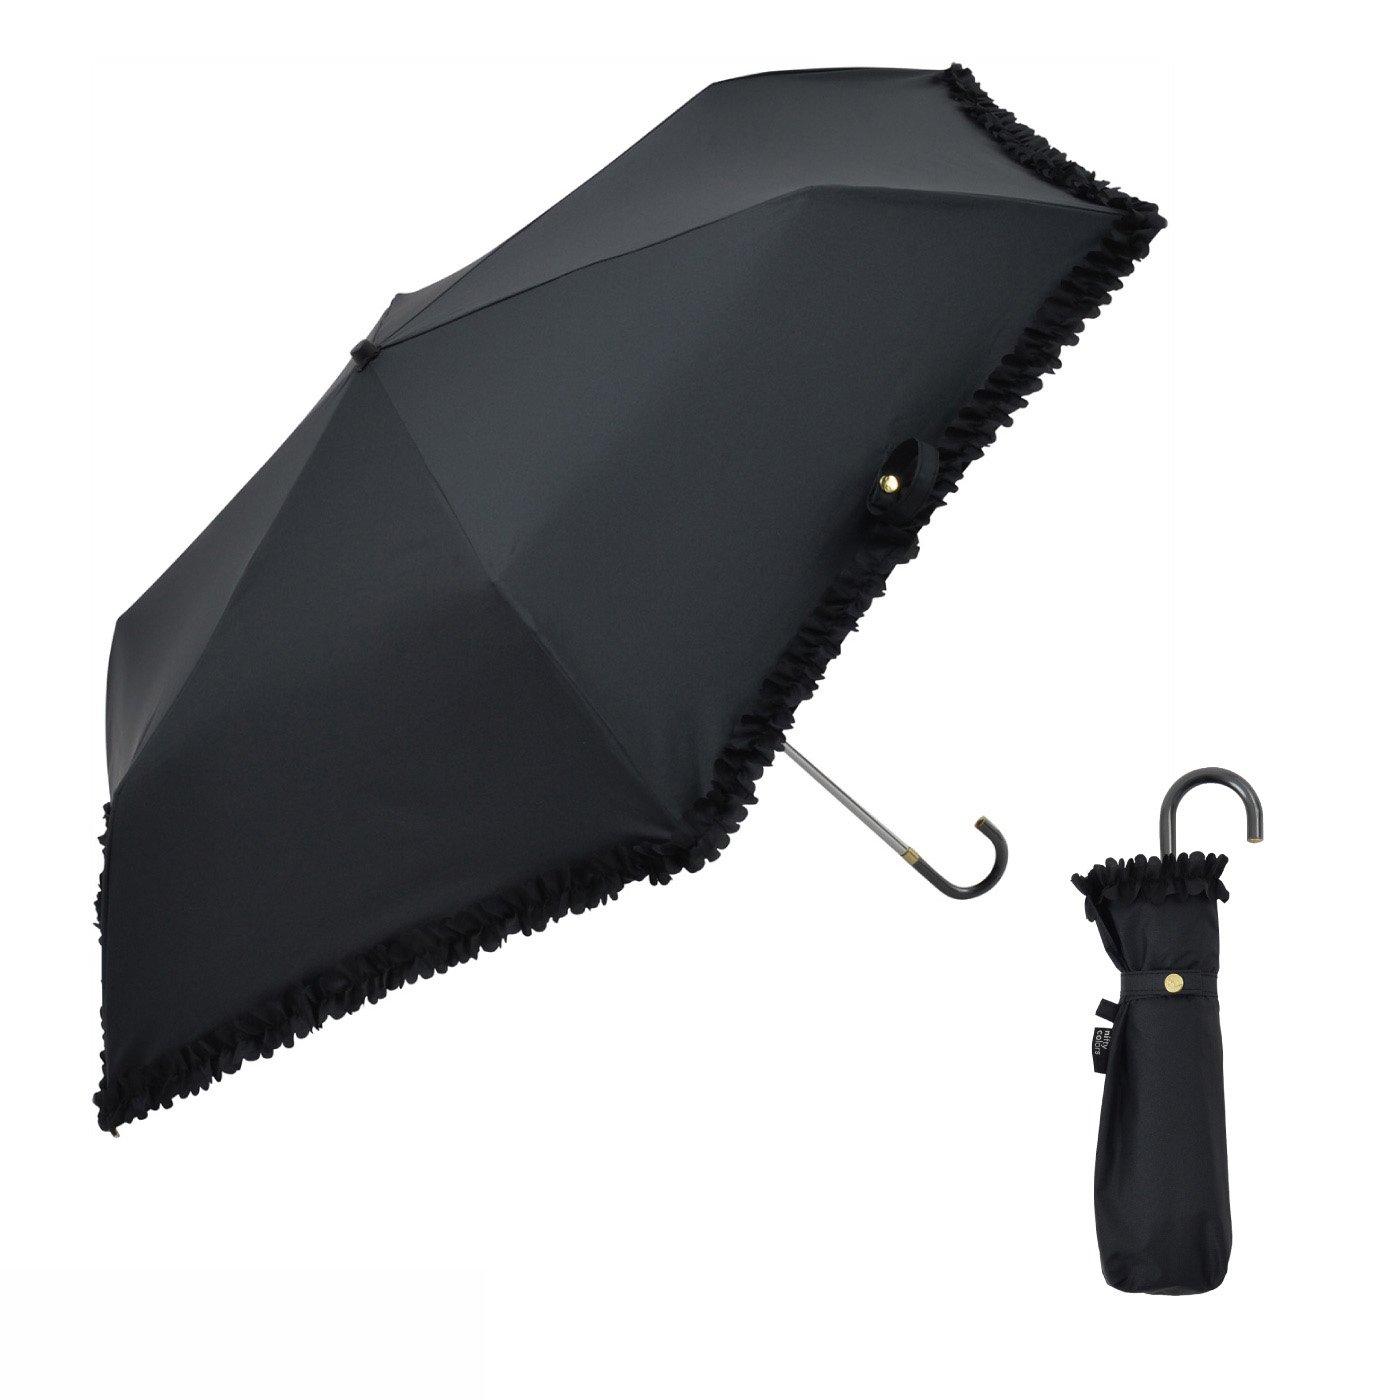 上品でかわいい大人の女性のための 晴雨兼用 折りたたみ遮光日傘ミニ フリル